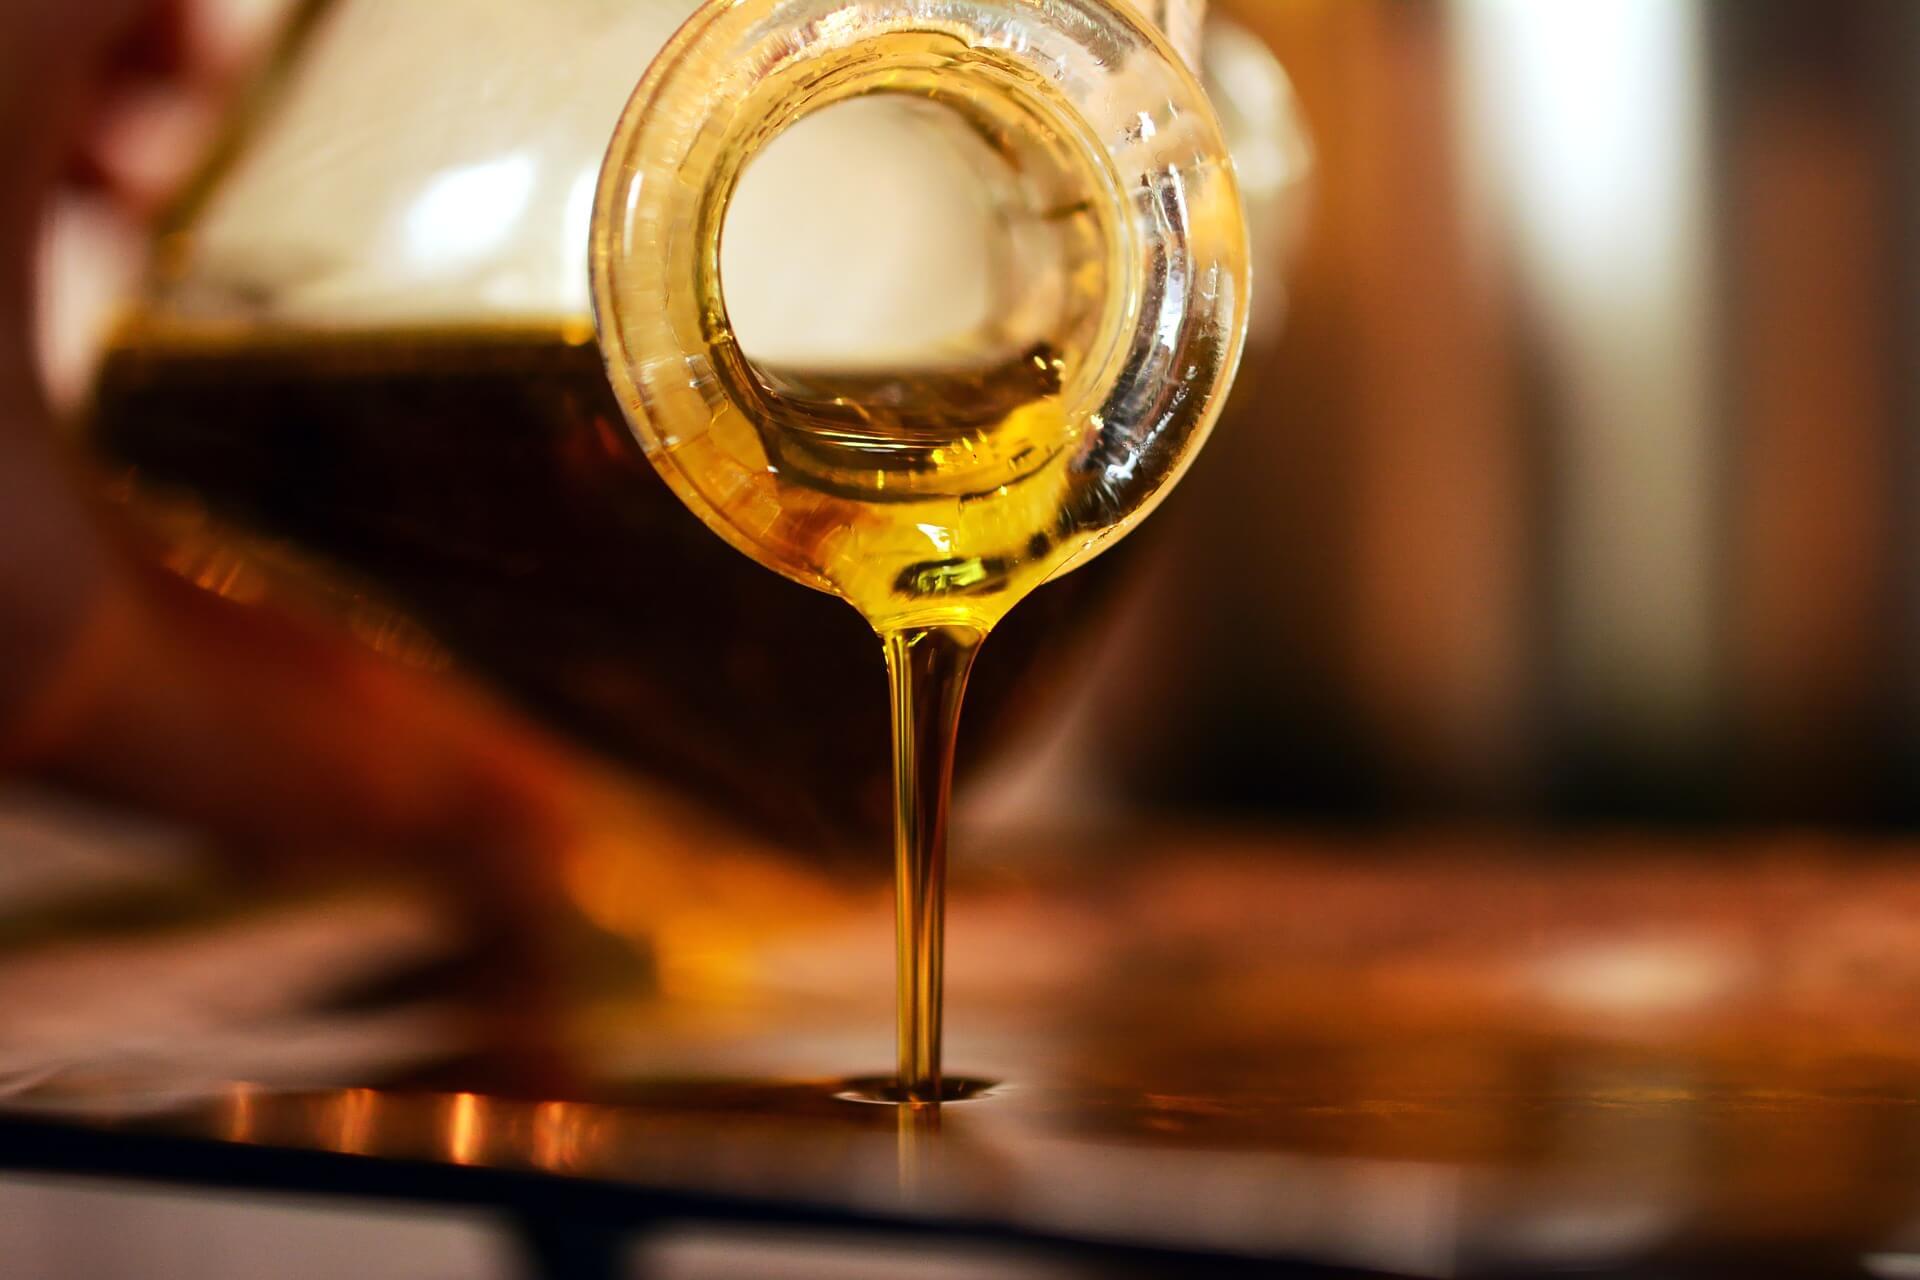 Jesu li maslinovo i kokosovo ulje dobri za prženje?